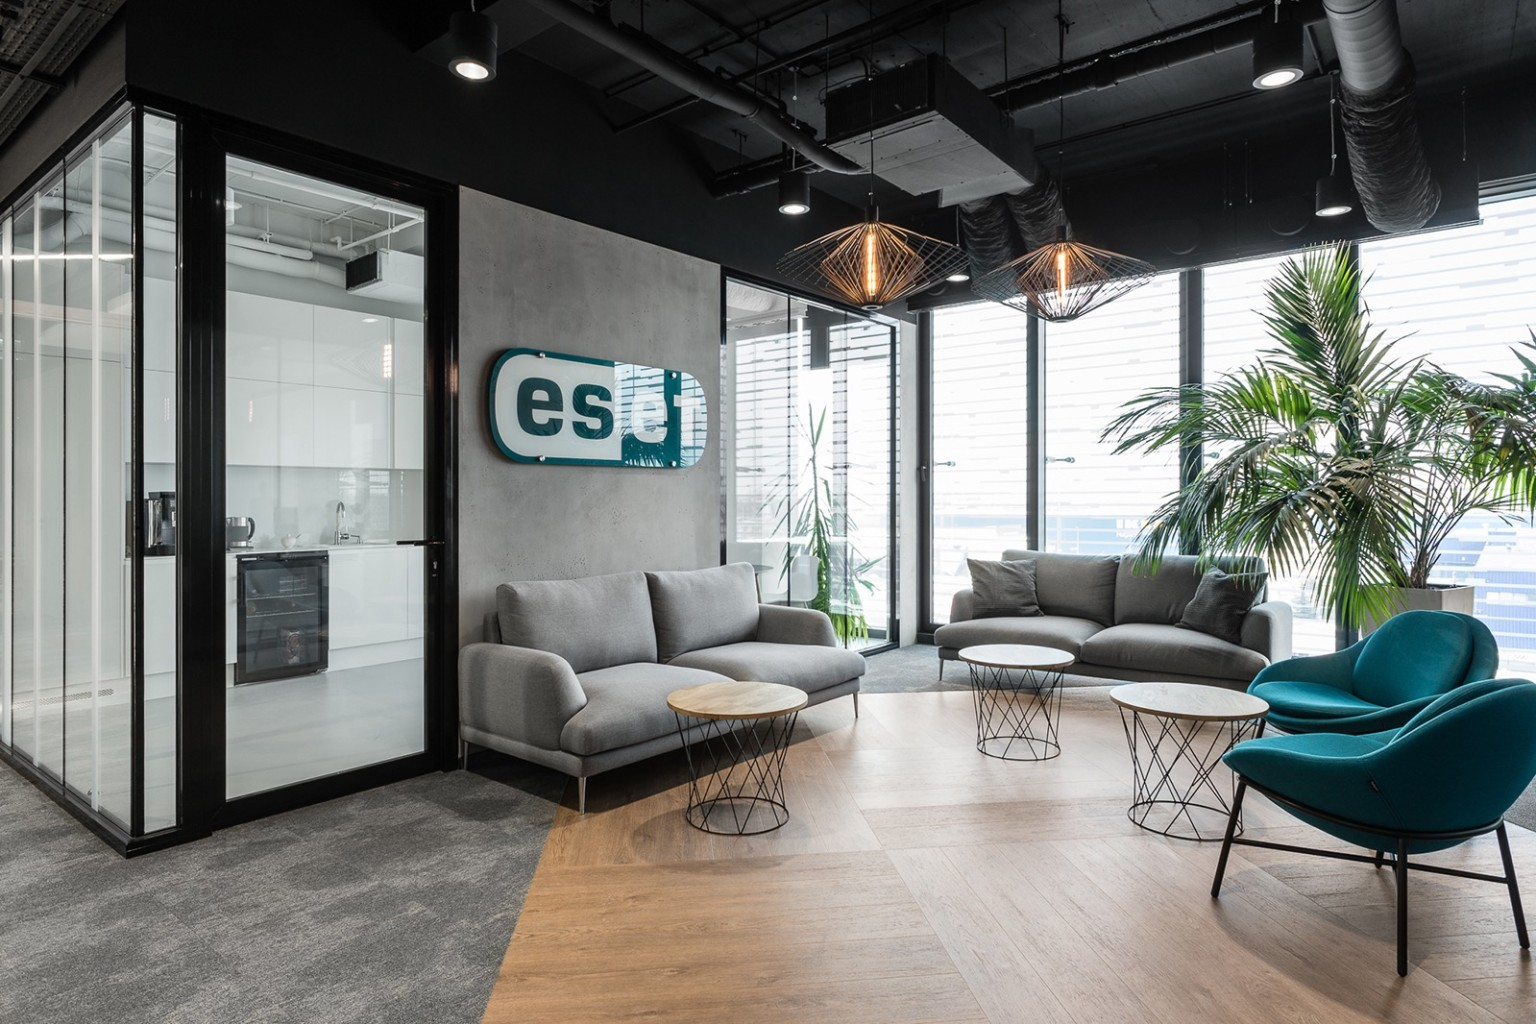 eset-office-krakow-1-768x512@2x.jpg